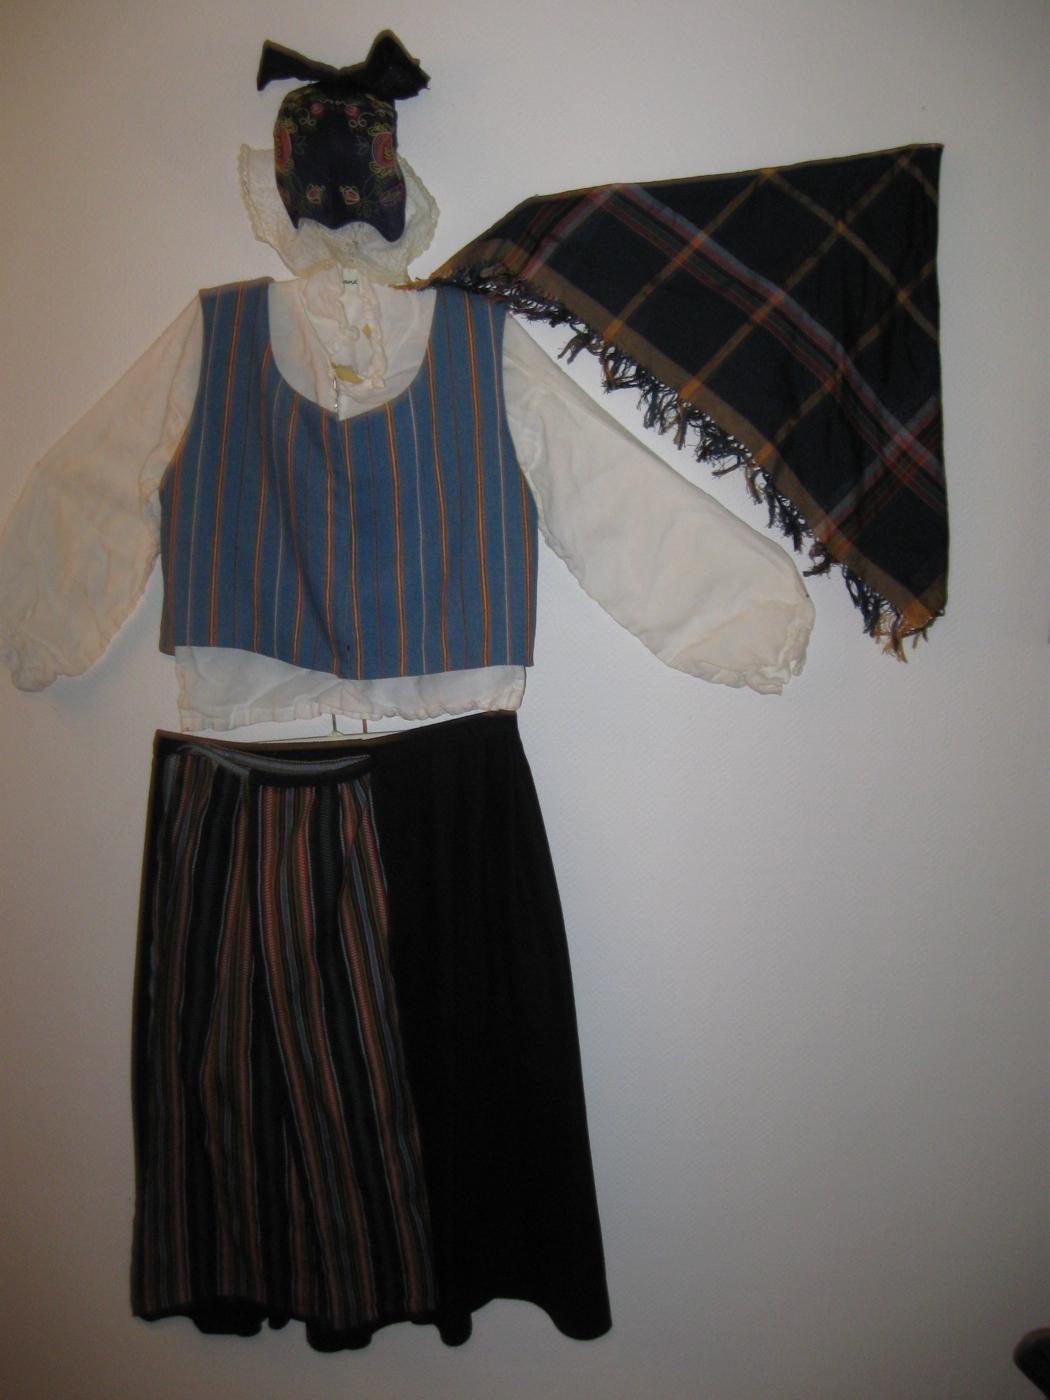 5e5e810b9bb7 Bestående av mössa, blus, väst, sjal, kjol och förkläde. Midja kjol 86,  längd 80. Fråga gärna om övriga mått. Kontaktuppgifter: Håkan Eriksson tfn  072 ...